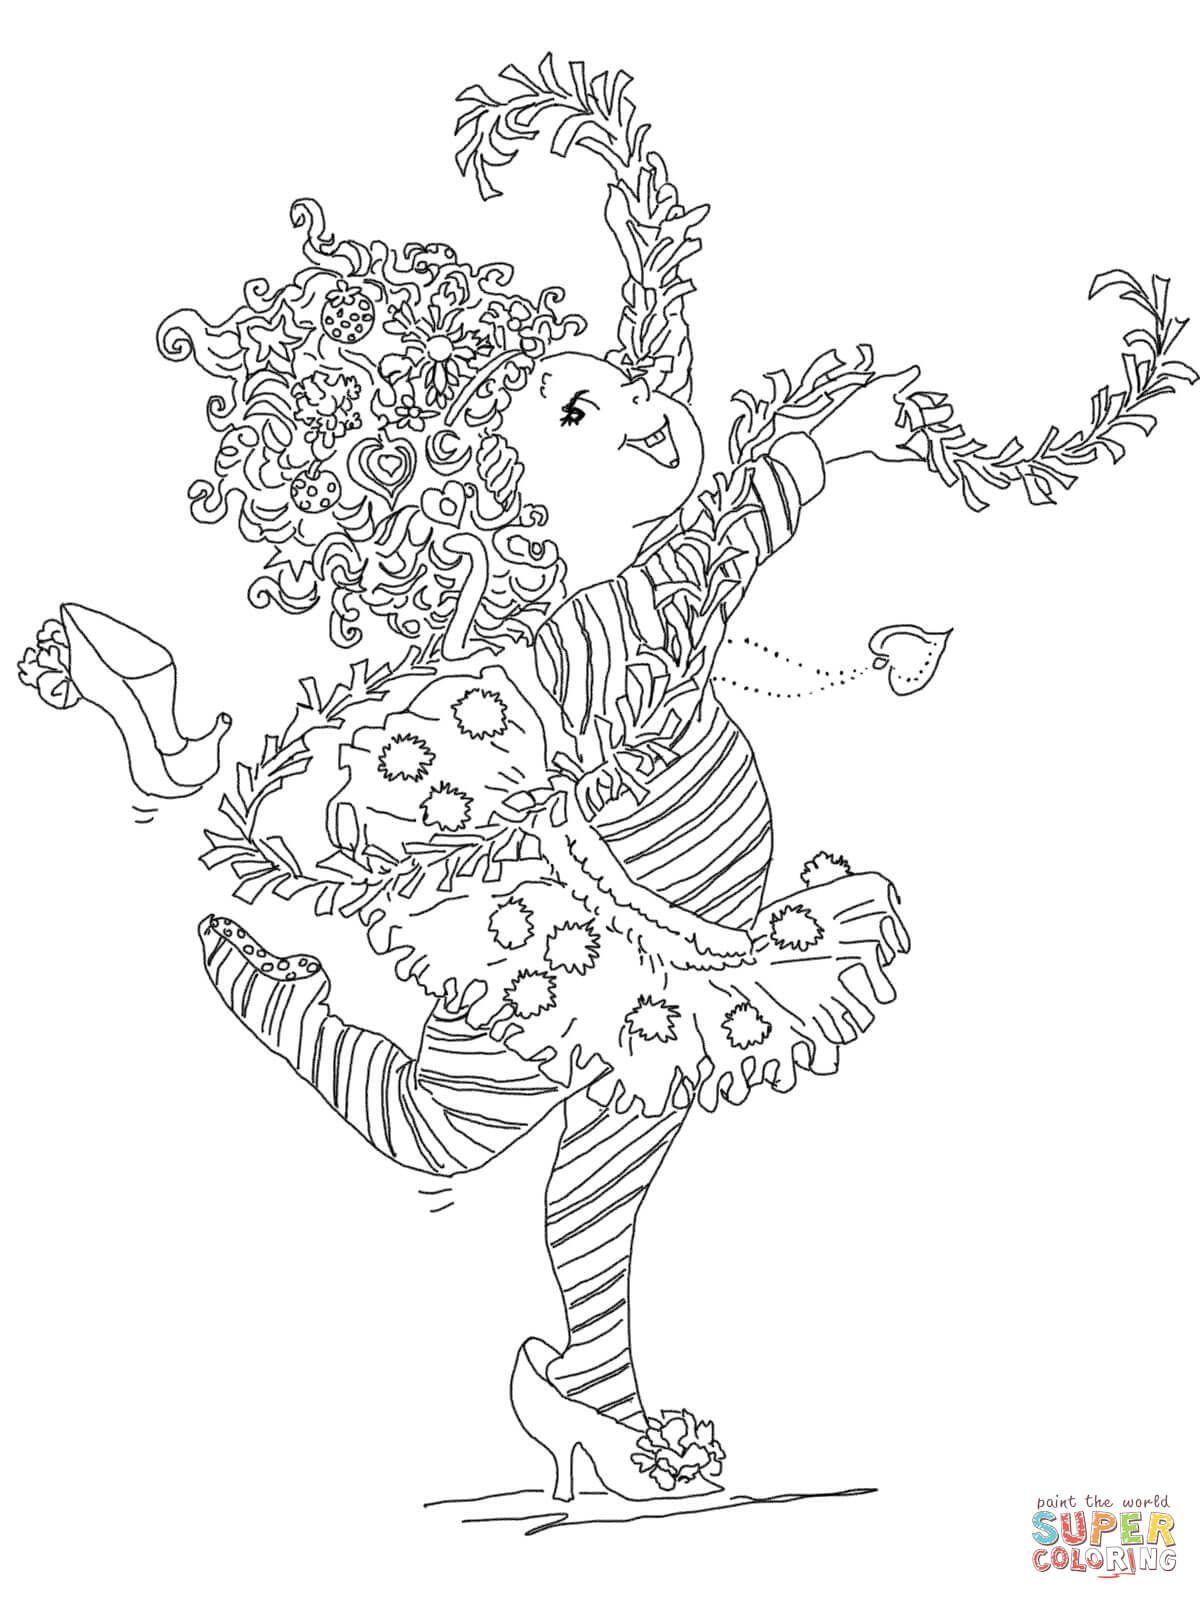 Fancy Nancy Super Coloring Fancy Nancy Coloring Pages Disney Coloring Pages